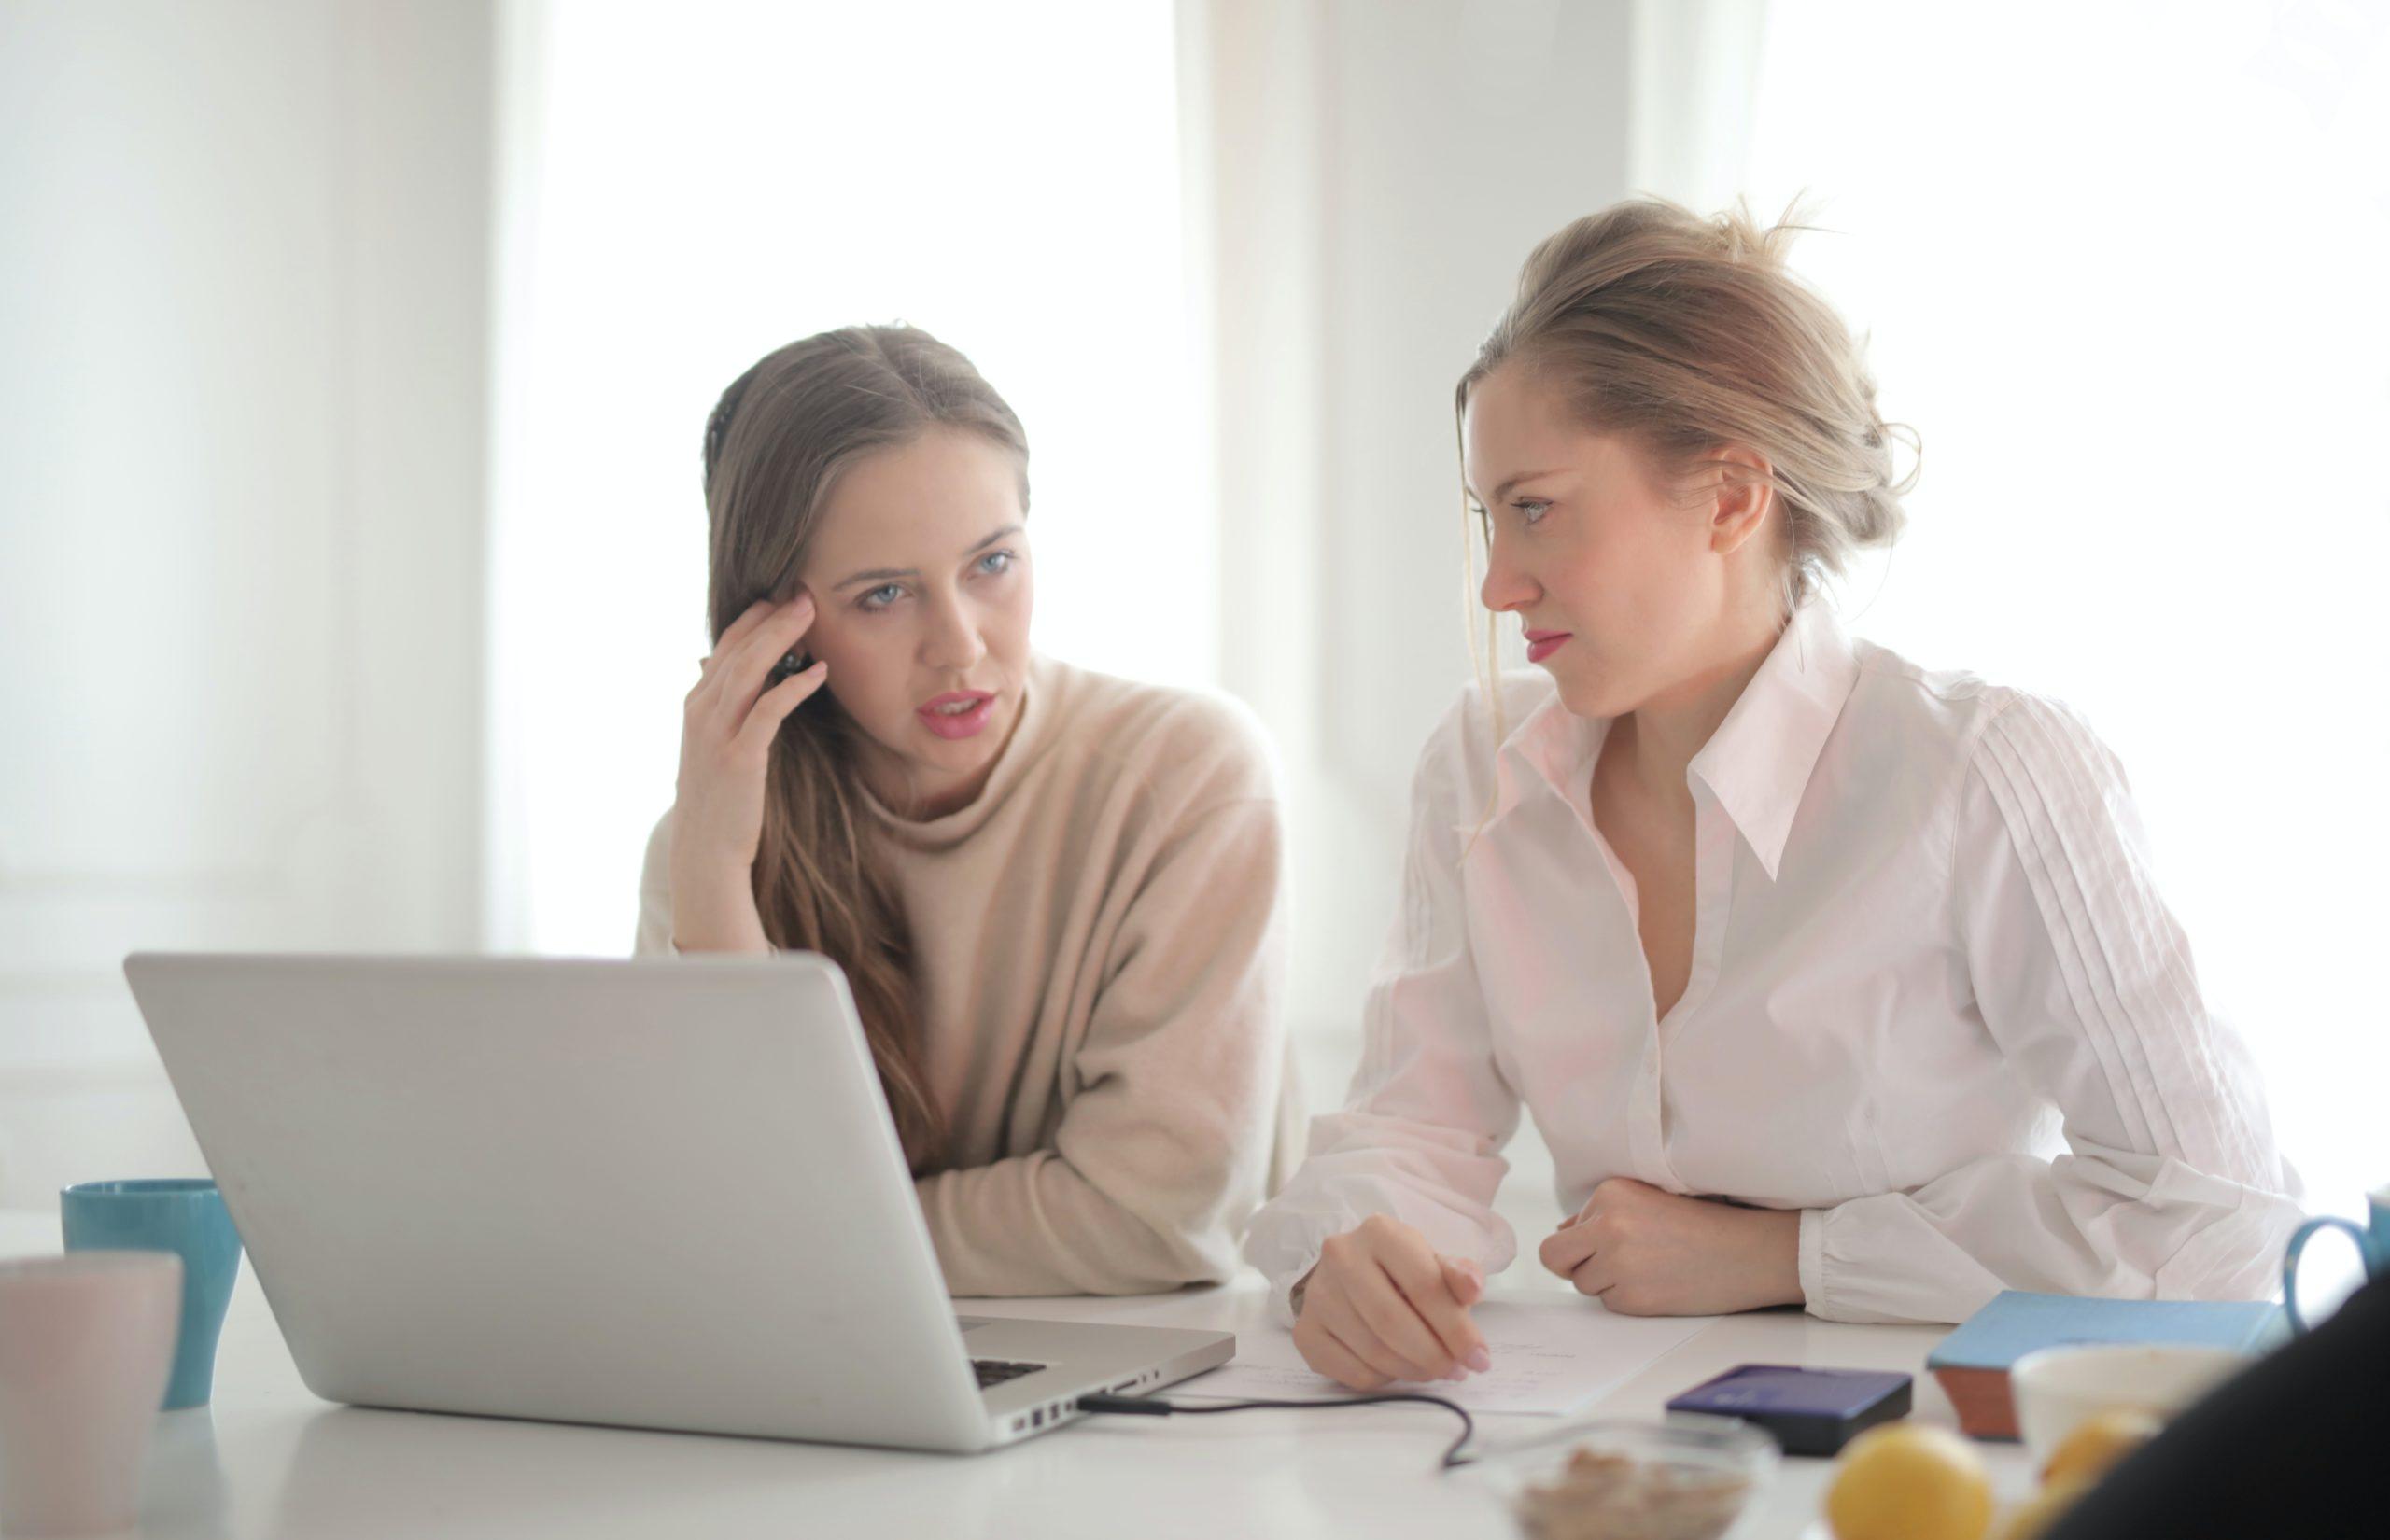 元営業事務が具体的な仕事内容を説明する【営業あります】